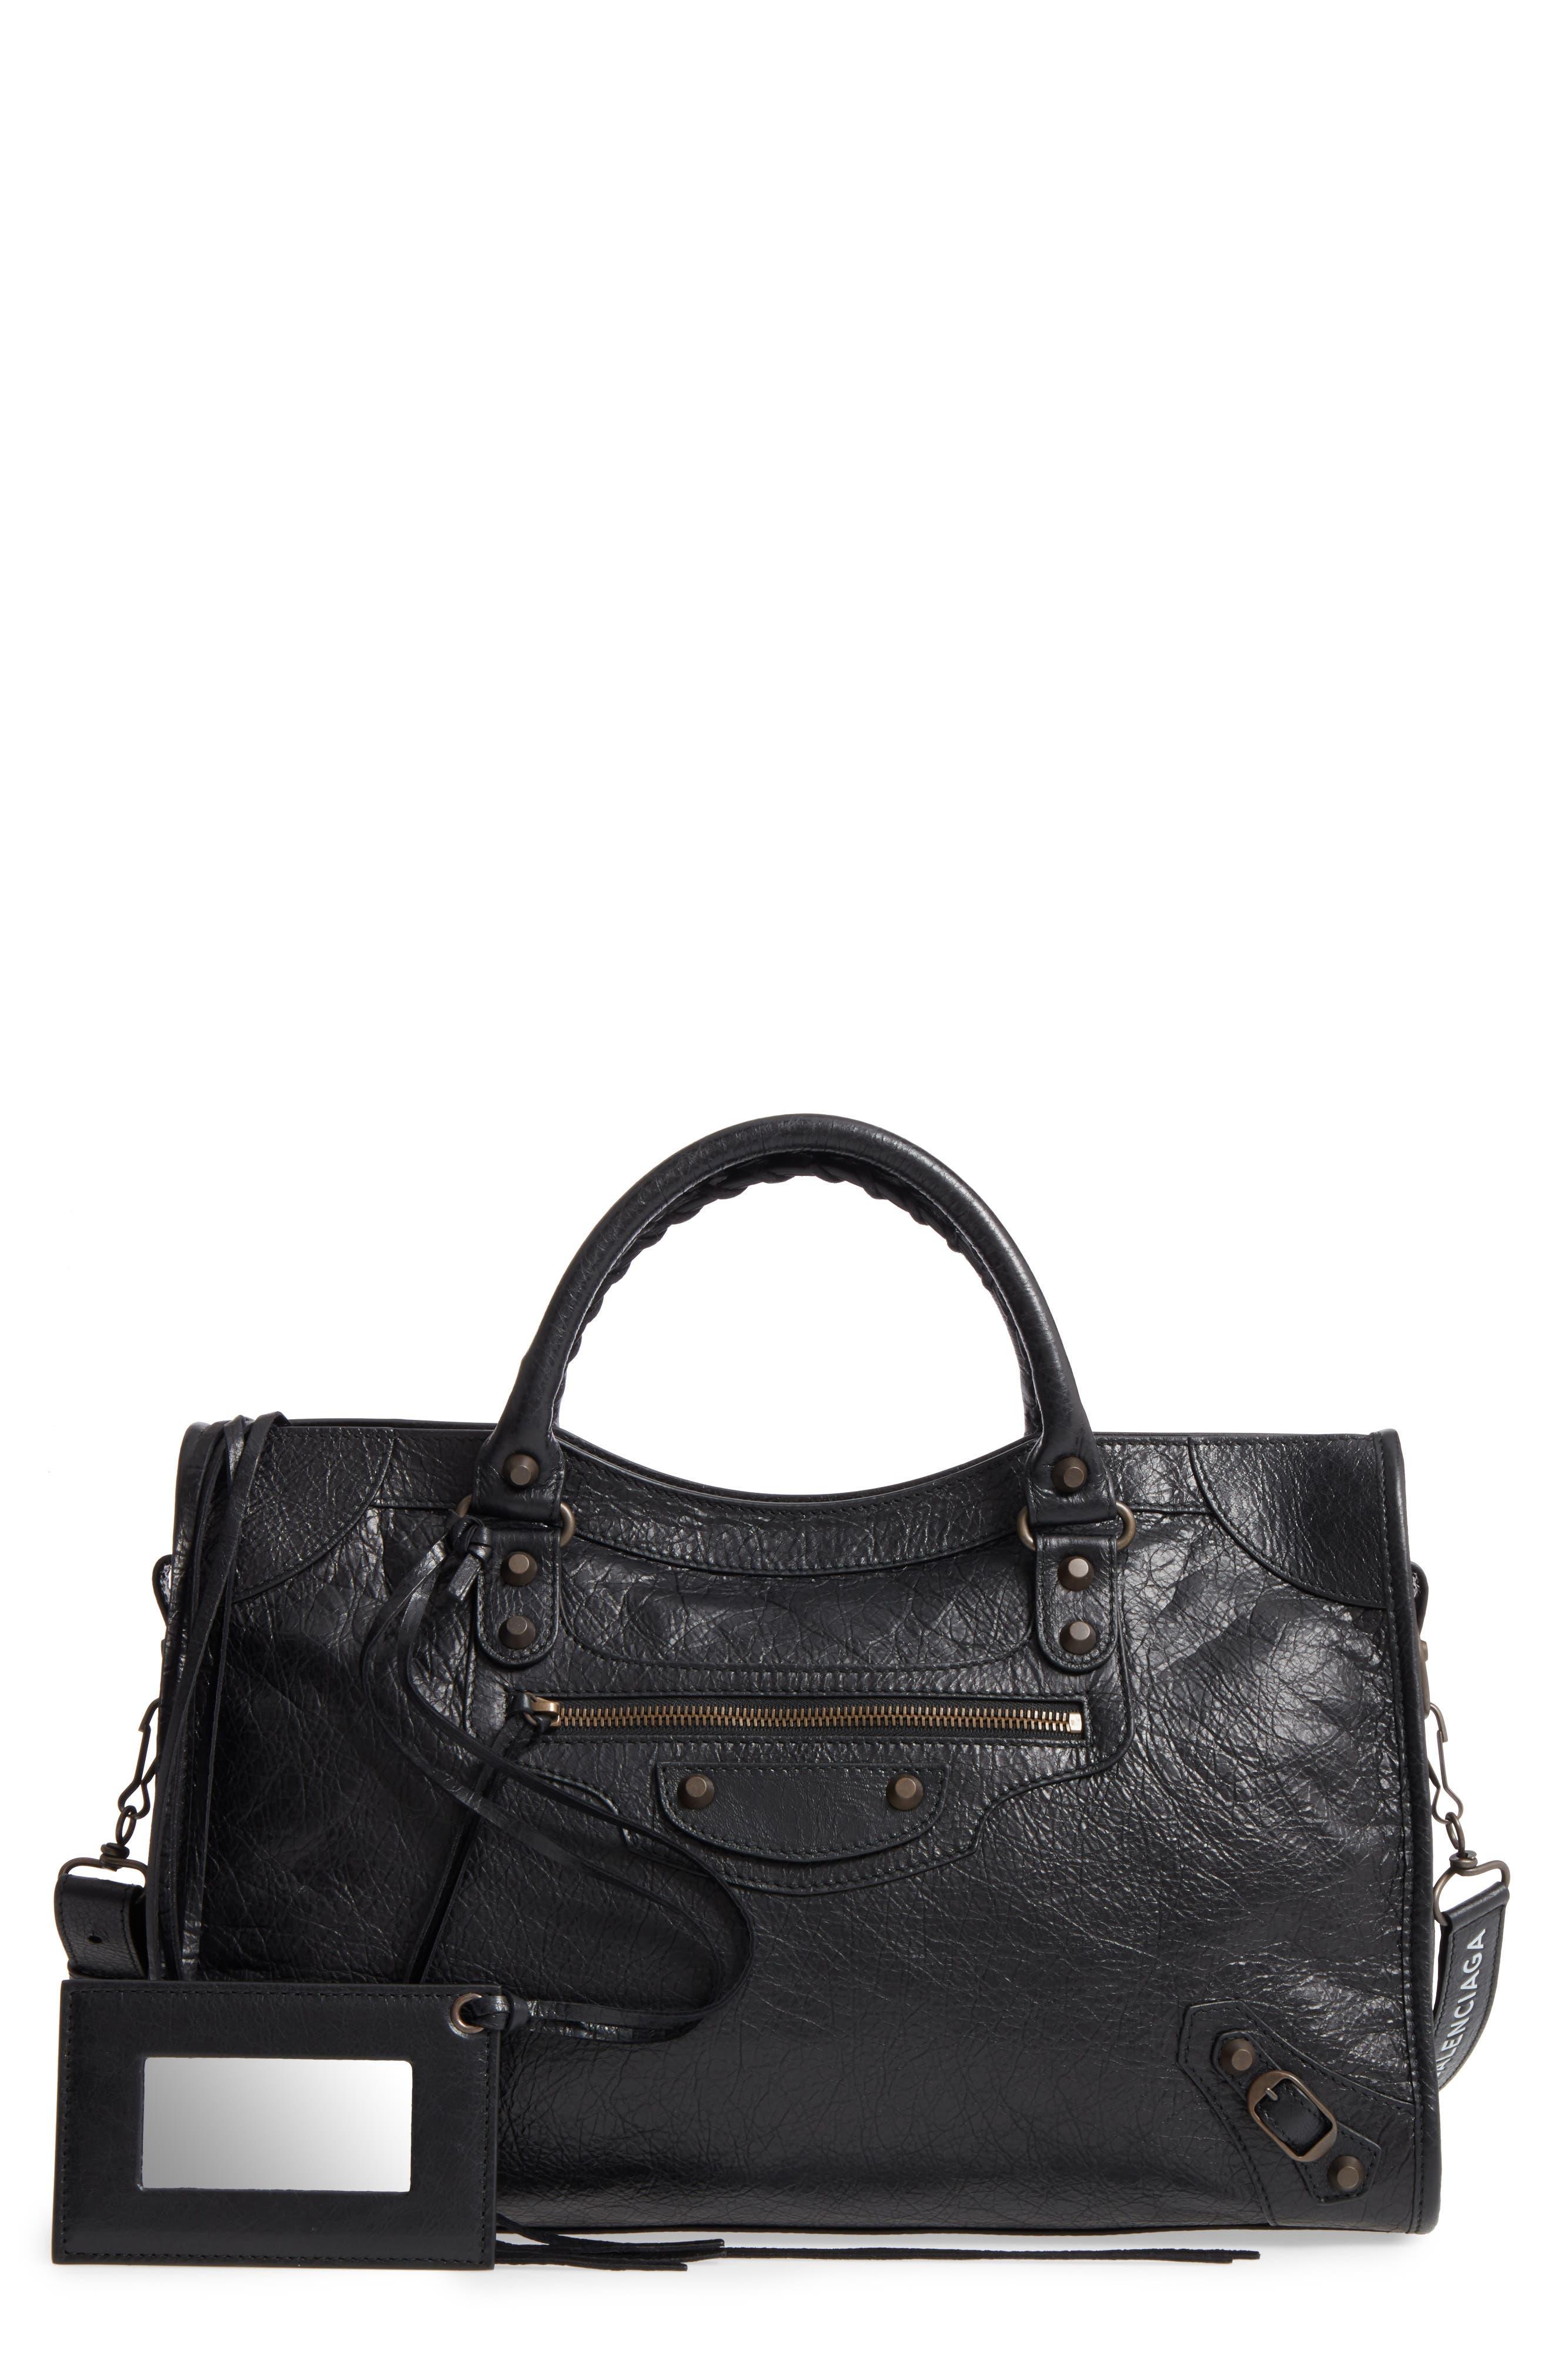 Balenciaga Woven Leather Bag